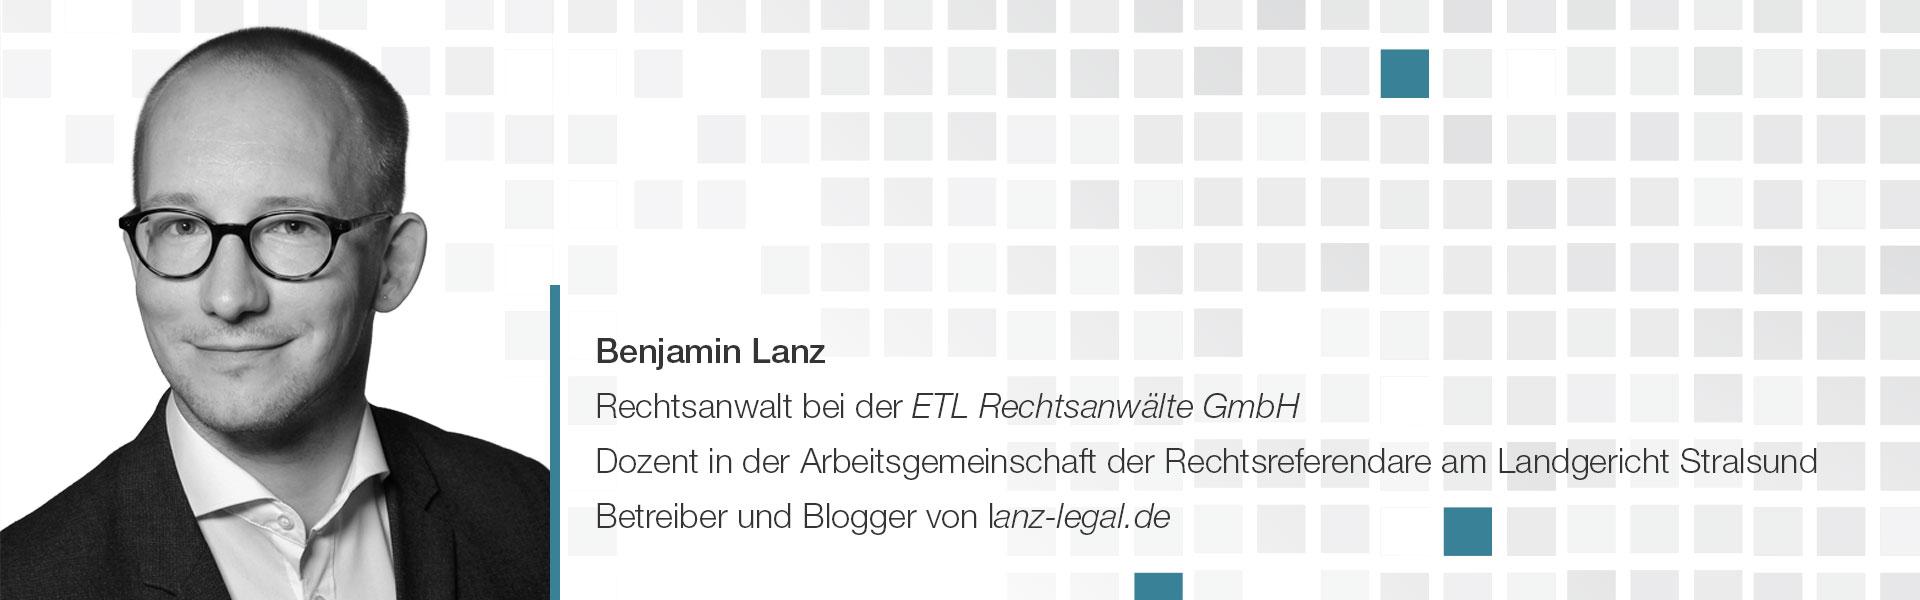 Rechtsanwalt Benjamin Lanz